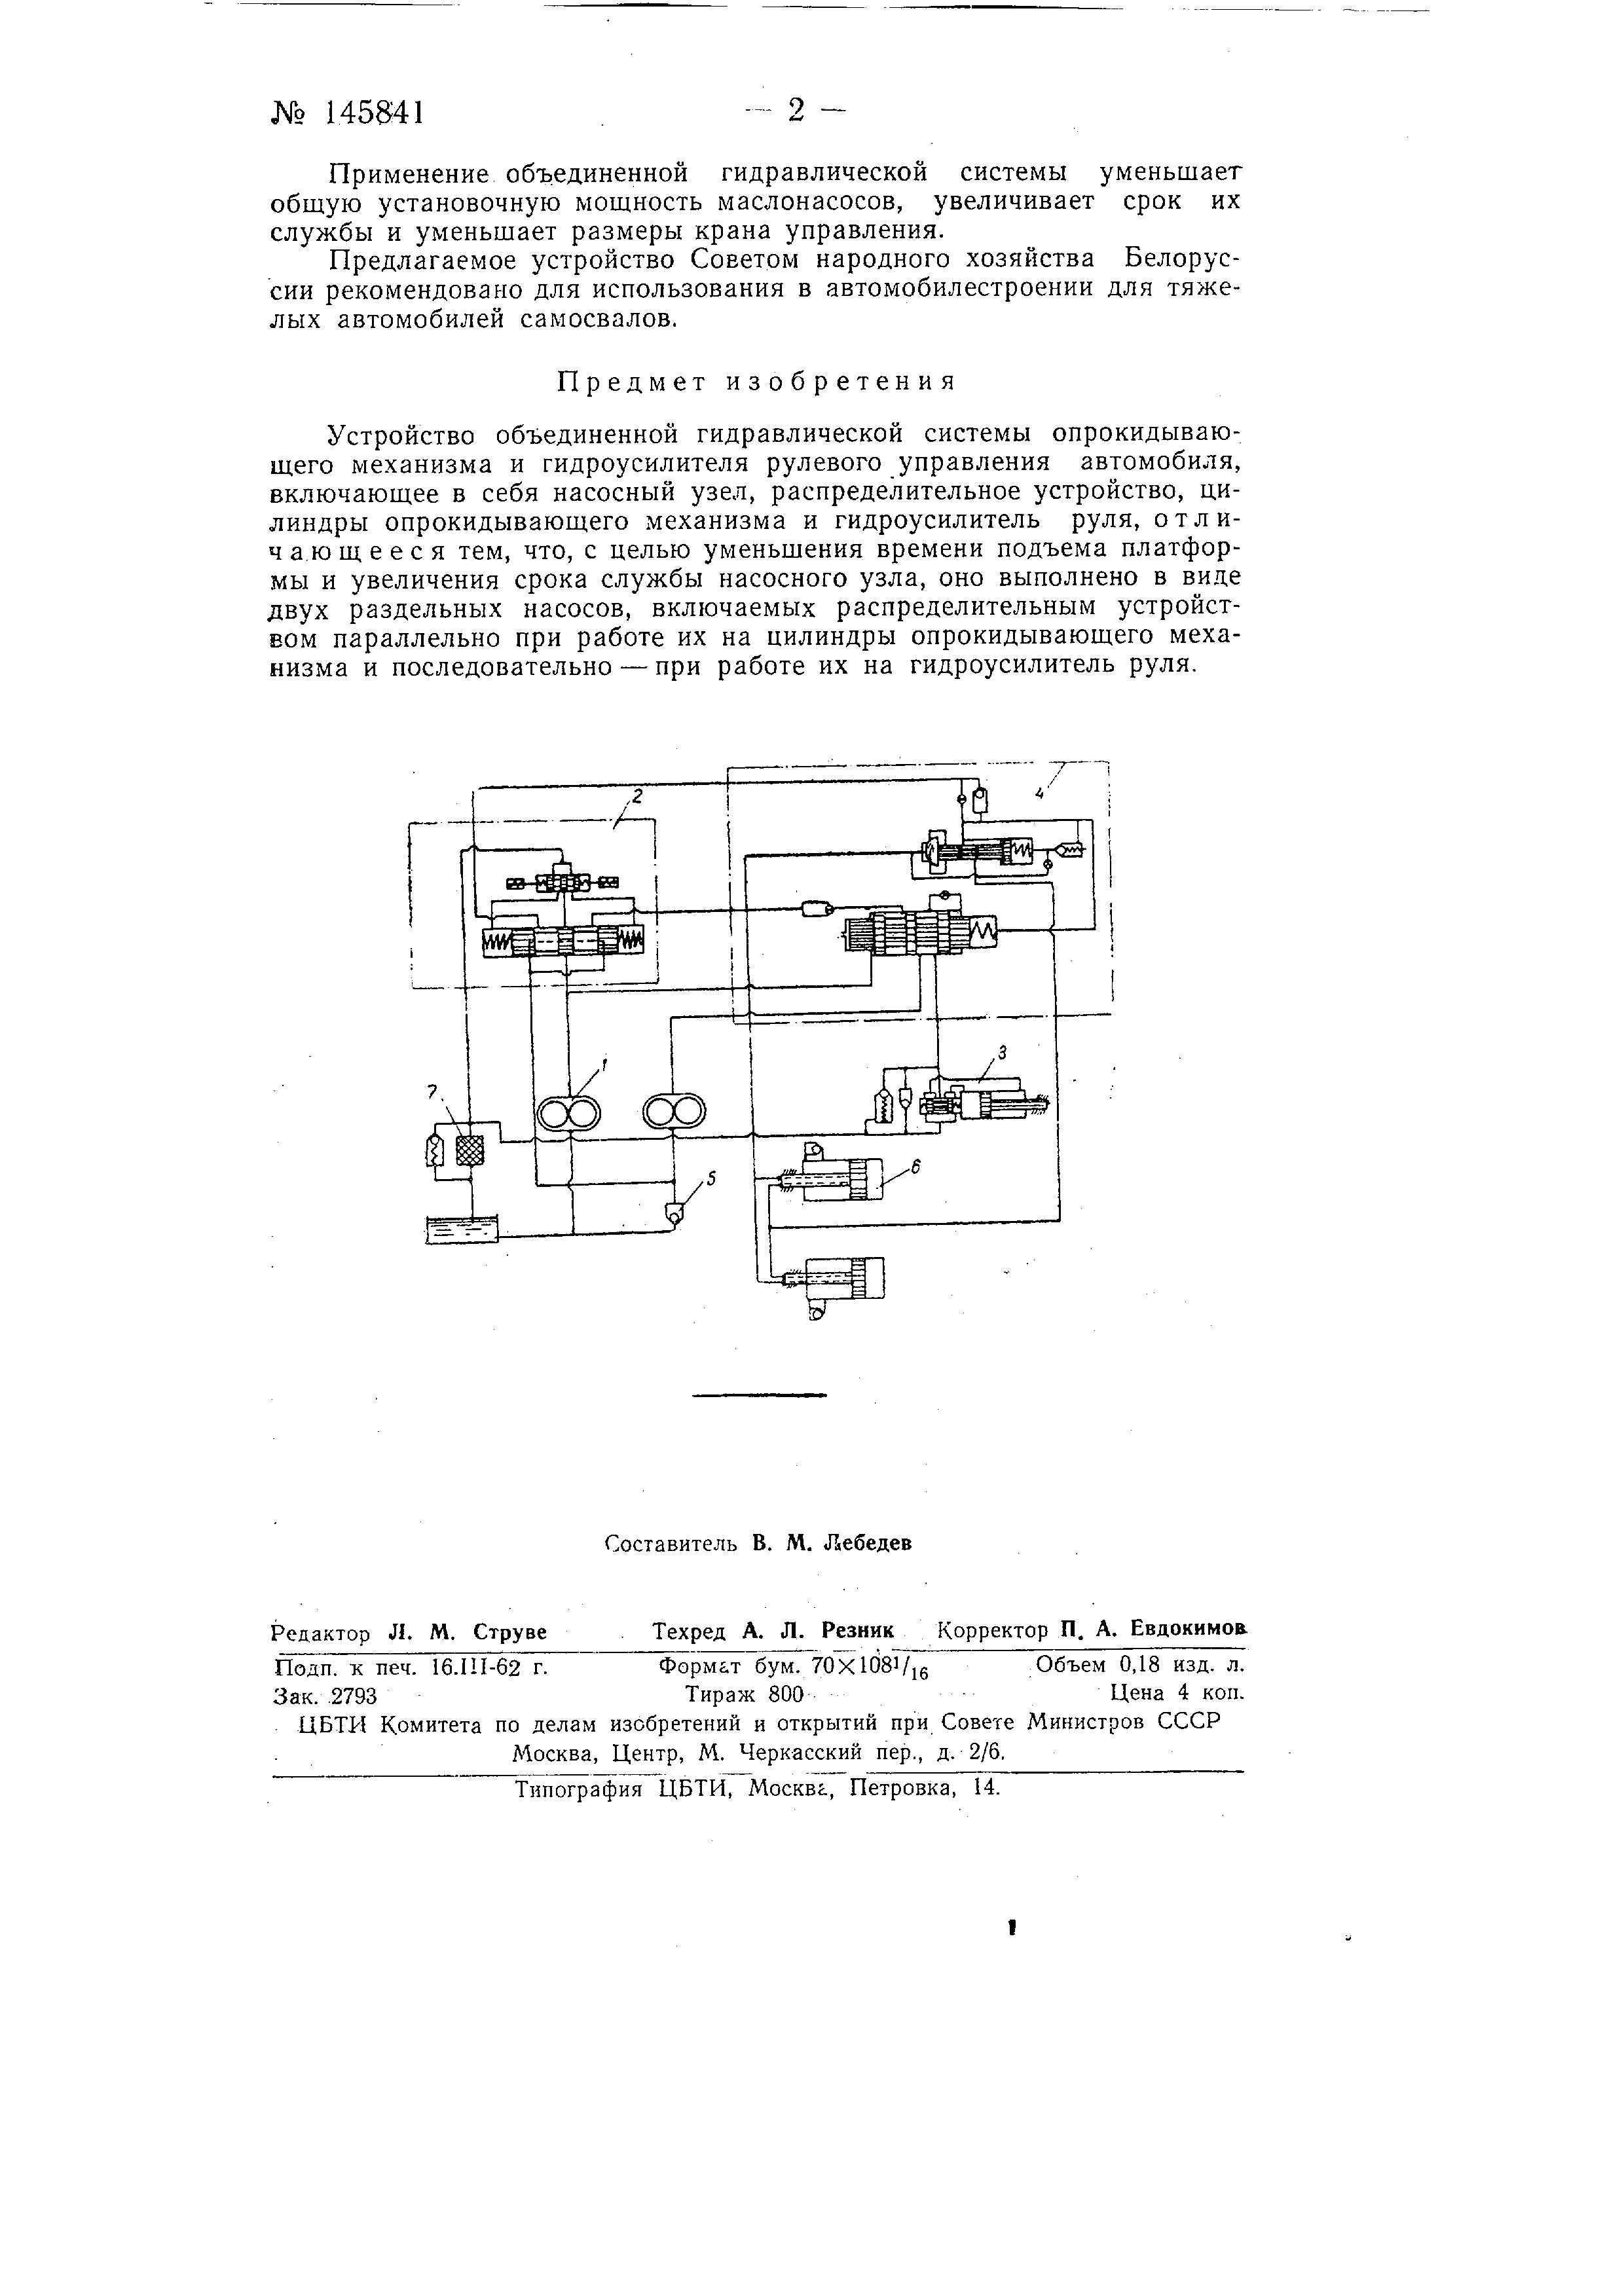 Устройство механизма рулевого управления автомобиля